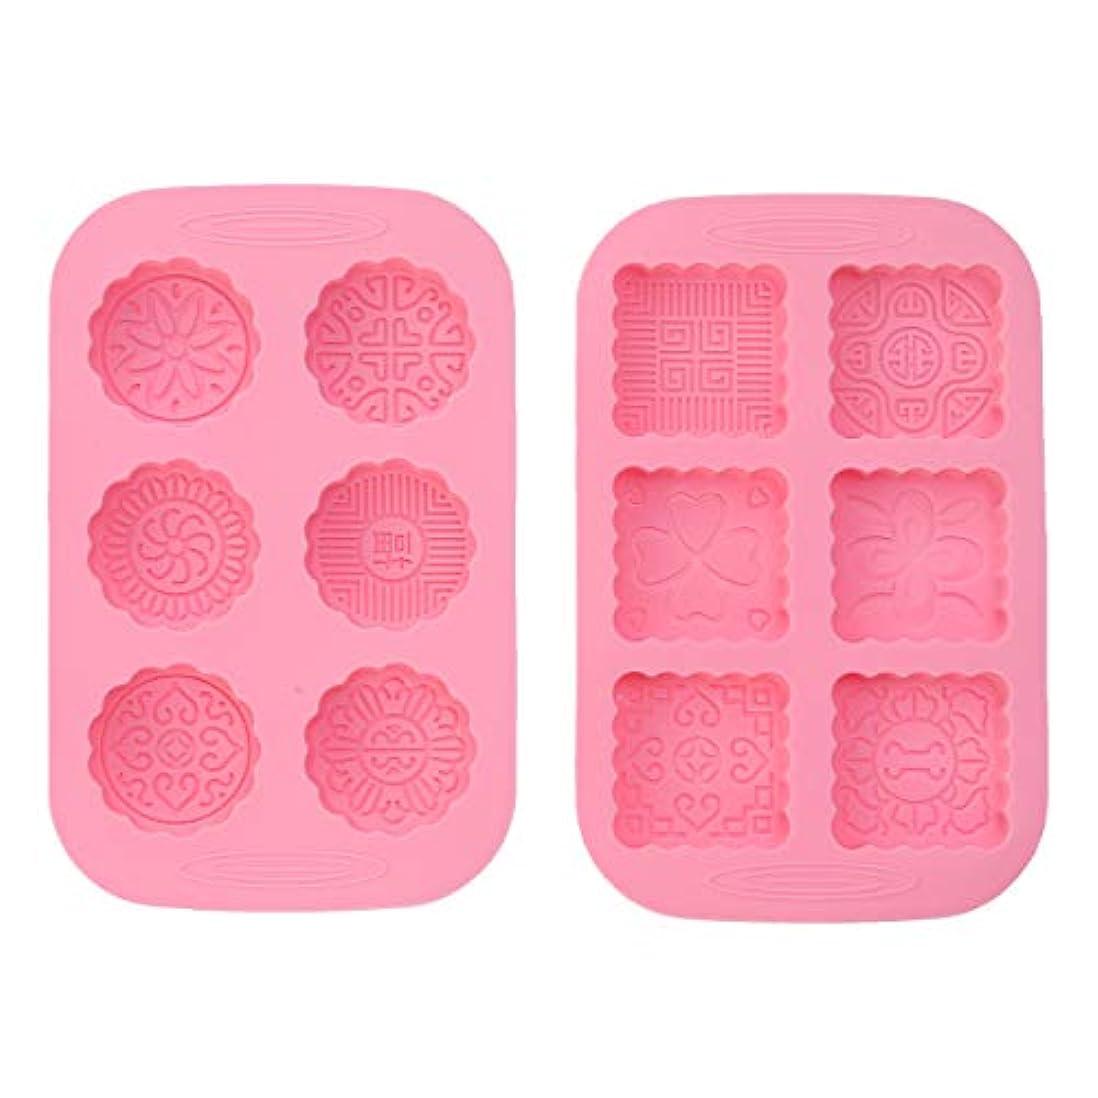 ガウン予感疼痛SUPVOX 2本シリコンケーキマフィンムーンケーキ型花型金型DIYフォンダンショコラキャンディ金型アイスゼリーソープキューブトレイ(ピンク)